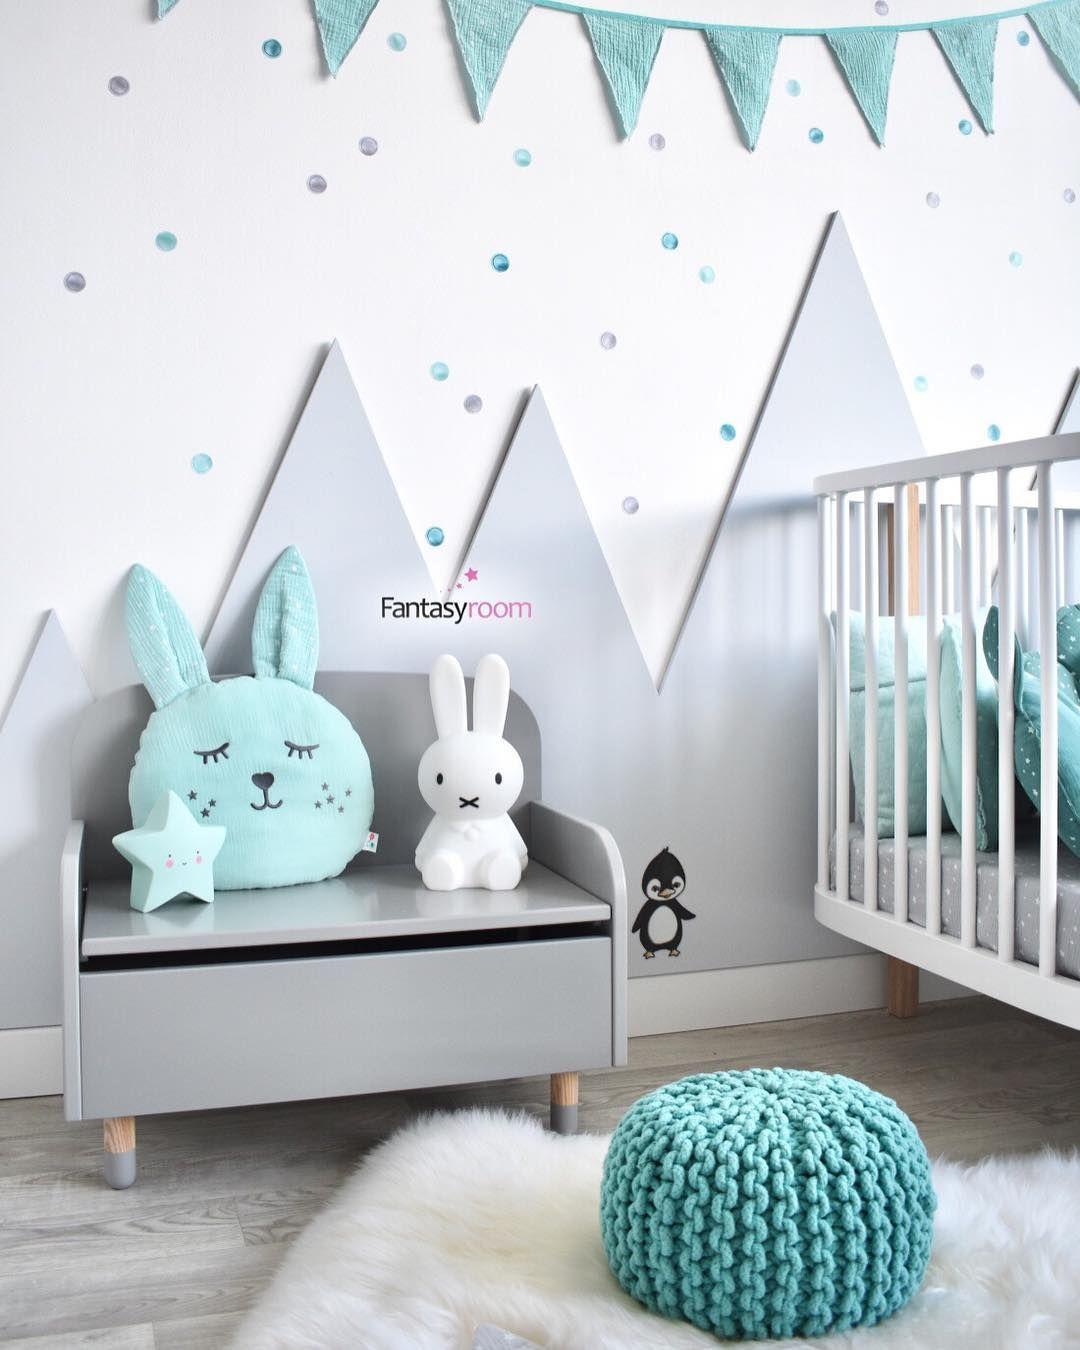 Einfach perfekt für kleine Kinderzimmer die süße